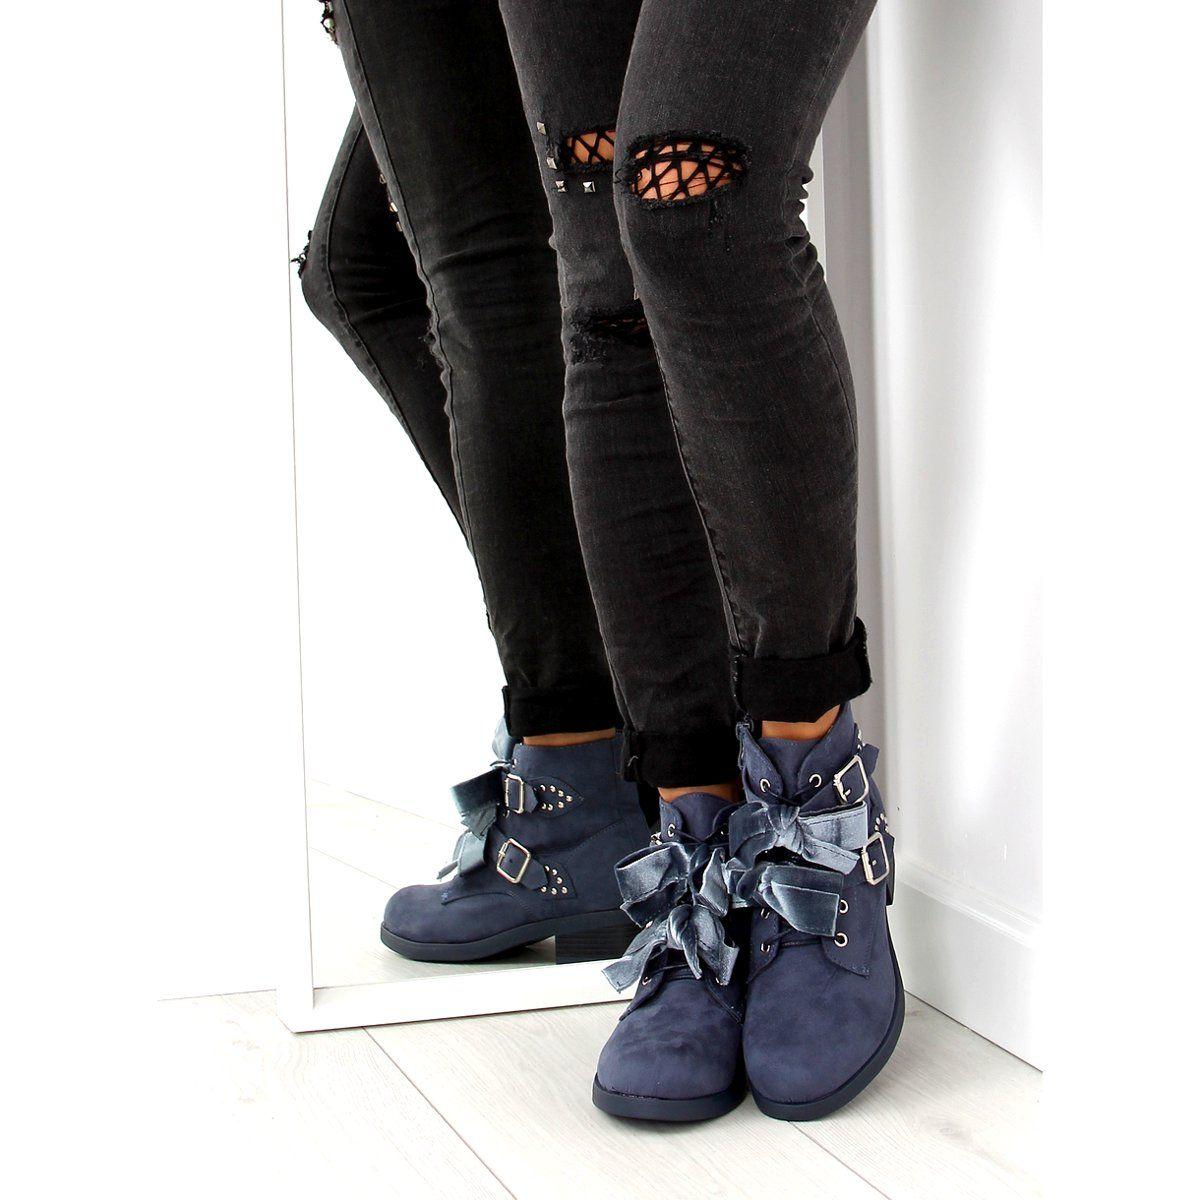 Botki Sznurowane Z Kokardkami Granatowe C 7101 Denim Niebieskie Black Jeans Fashion Black